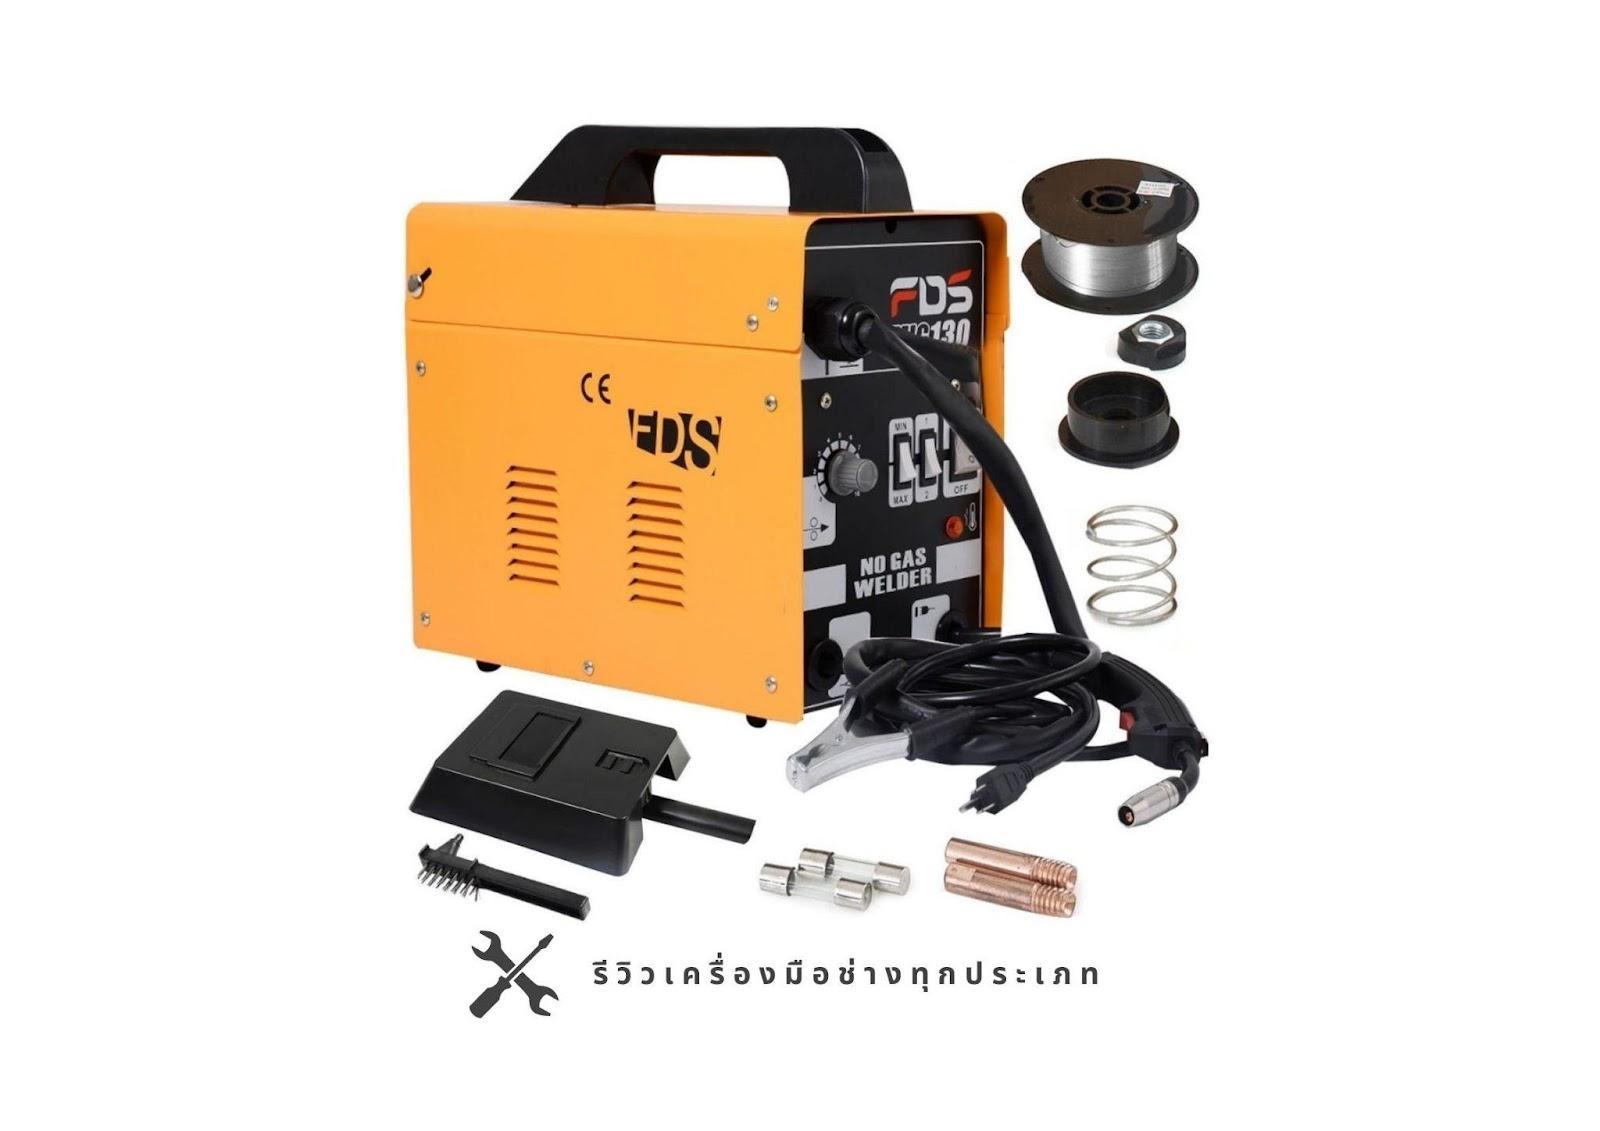 8. ตู้เชื่อม Goplus MIG130 Welder for Home Use